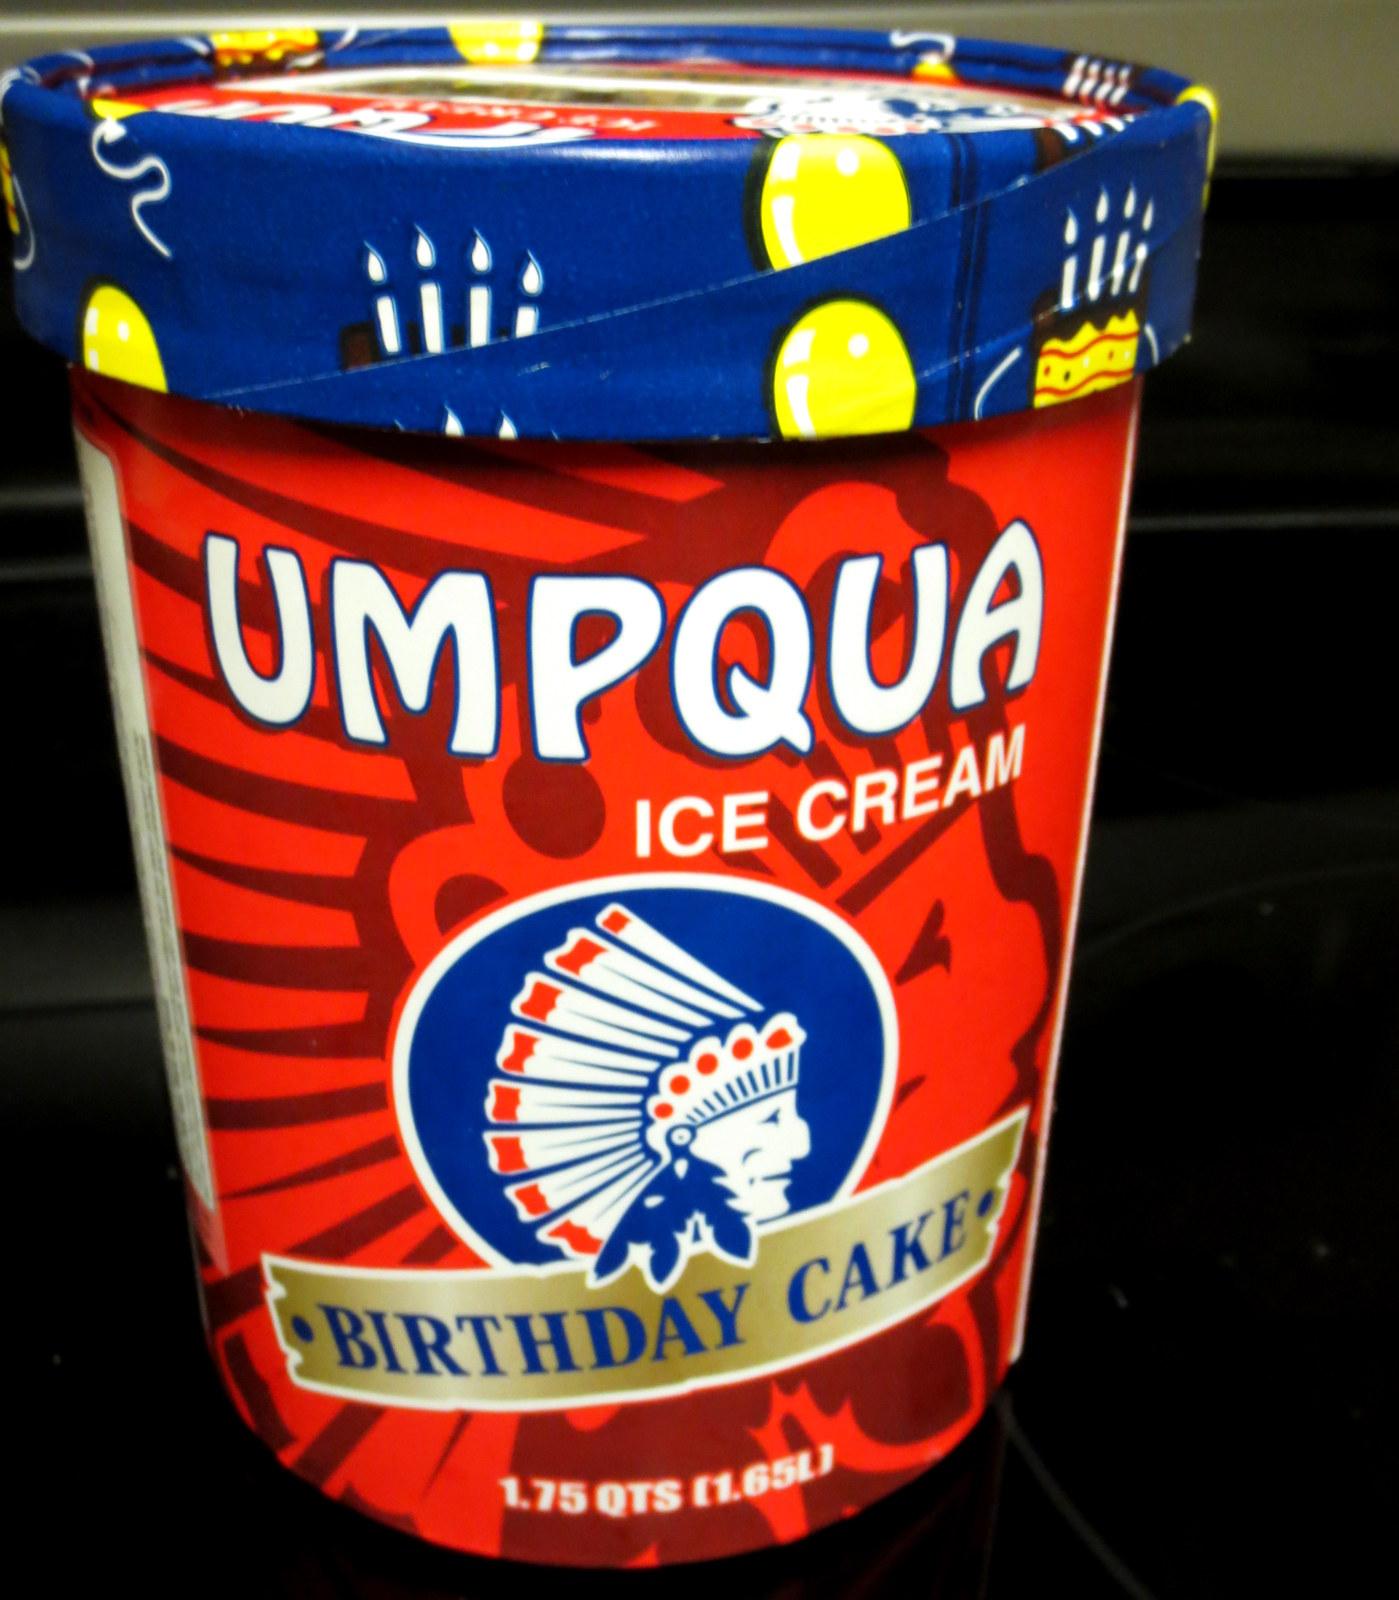 READER REVIEW Franks Review Of Umpqua Birthday Cake